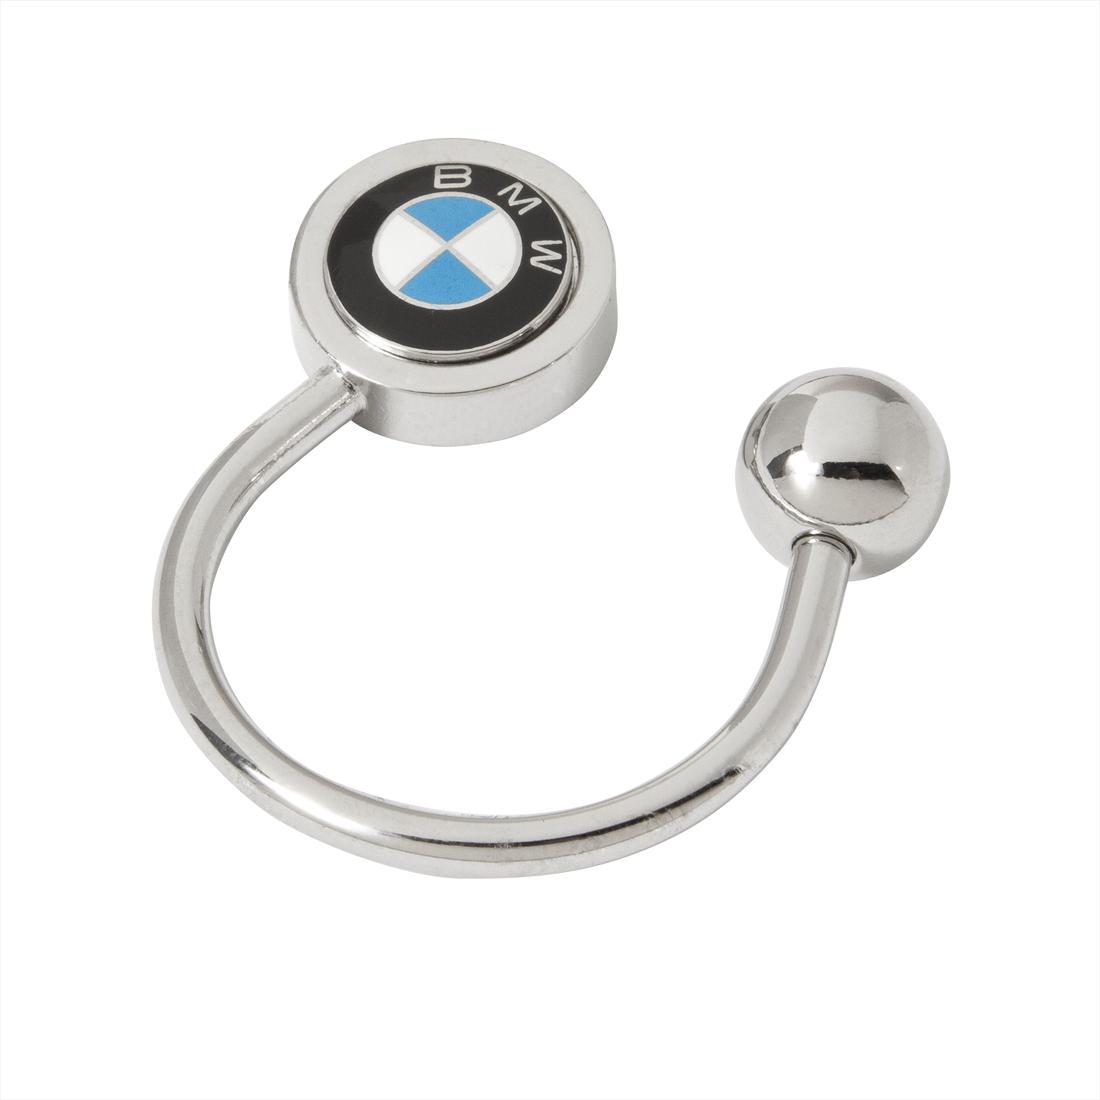 BMW Roundel Horseshoe Key Ring